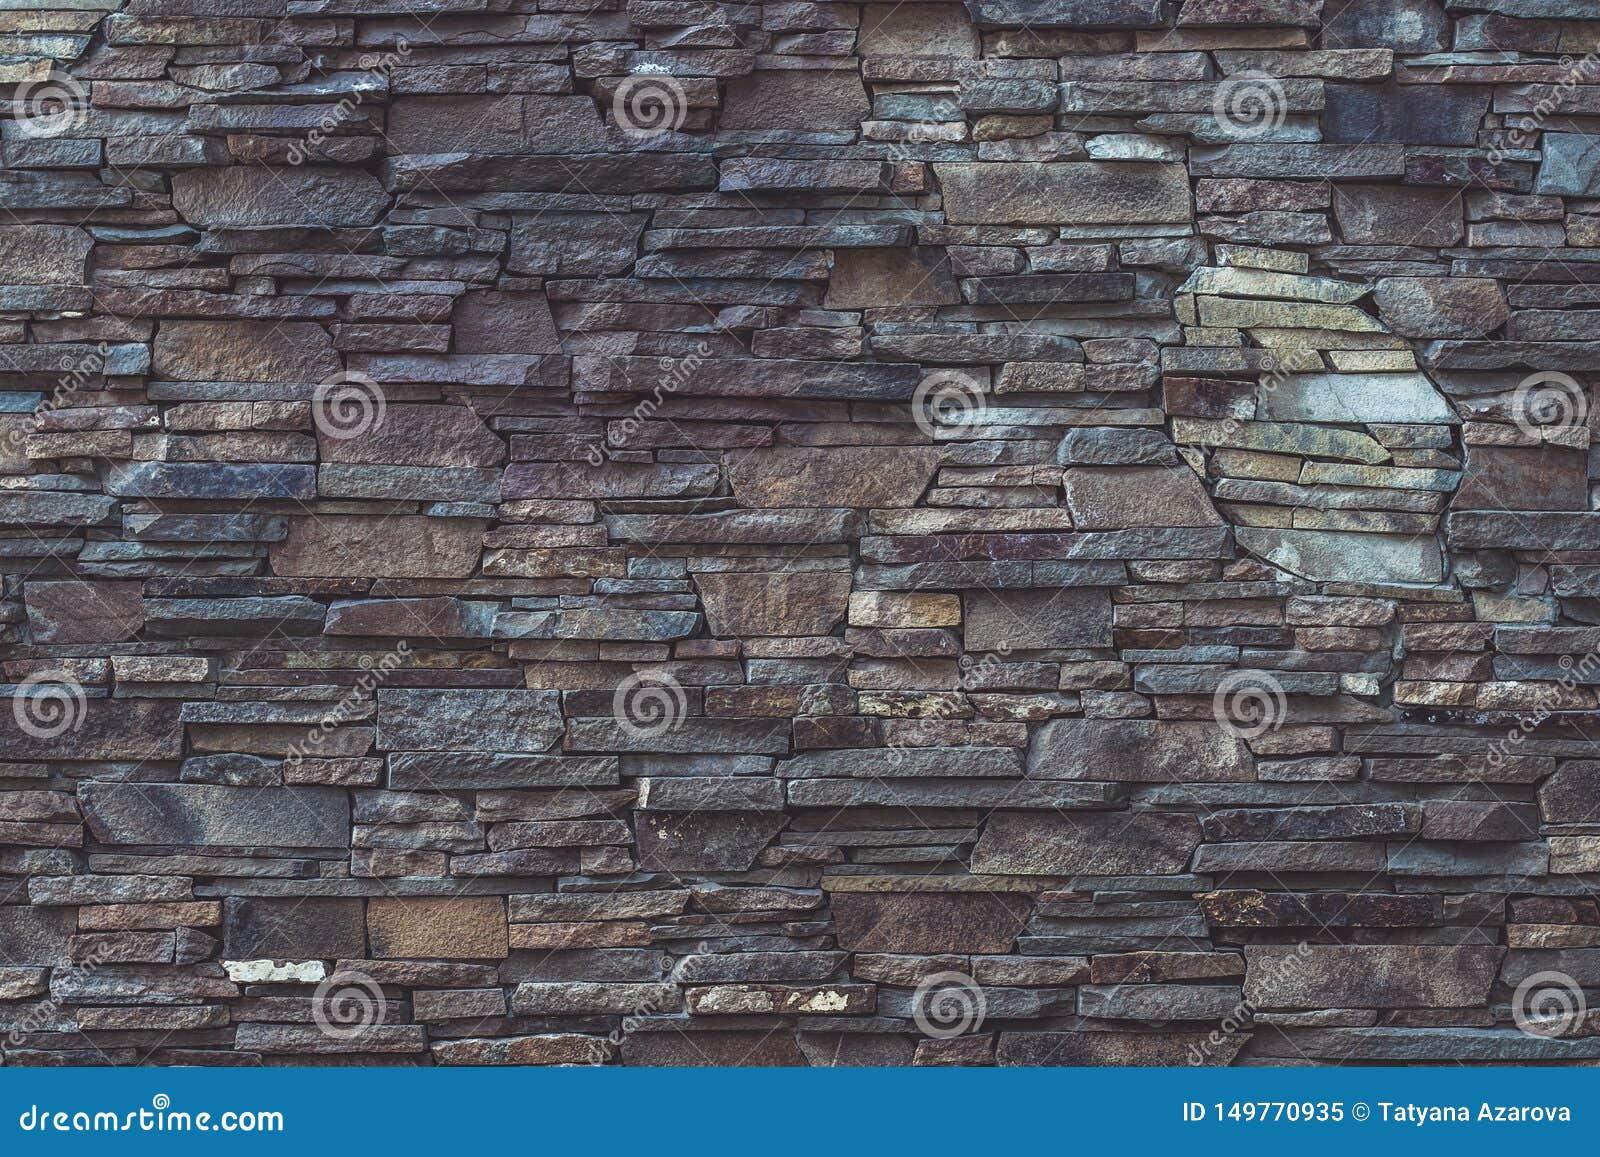 Szarość i brąz niszcząca kamienna tekstura fasadowy budynek Szorstki brickwork, brudny wietrzeć, siwieje obdrapanego ściennego tł